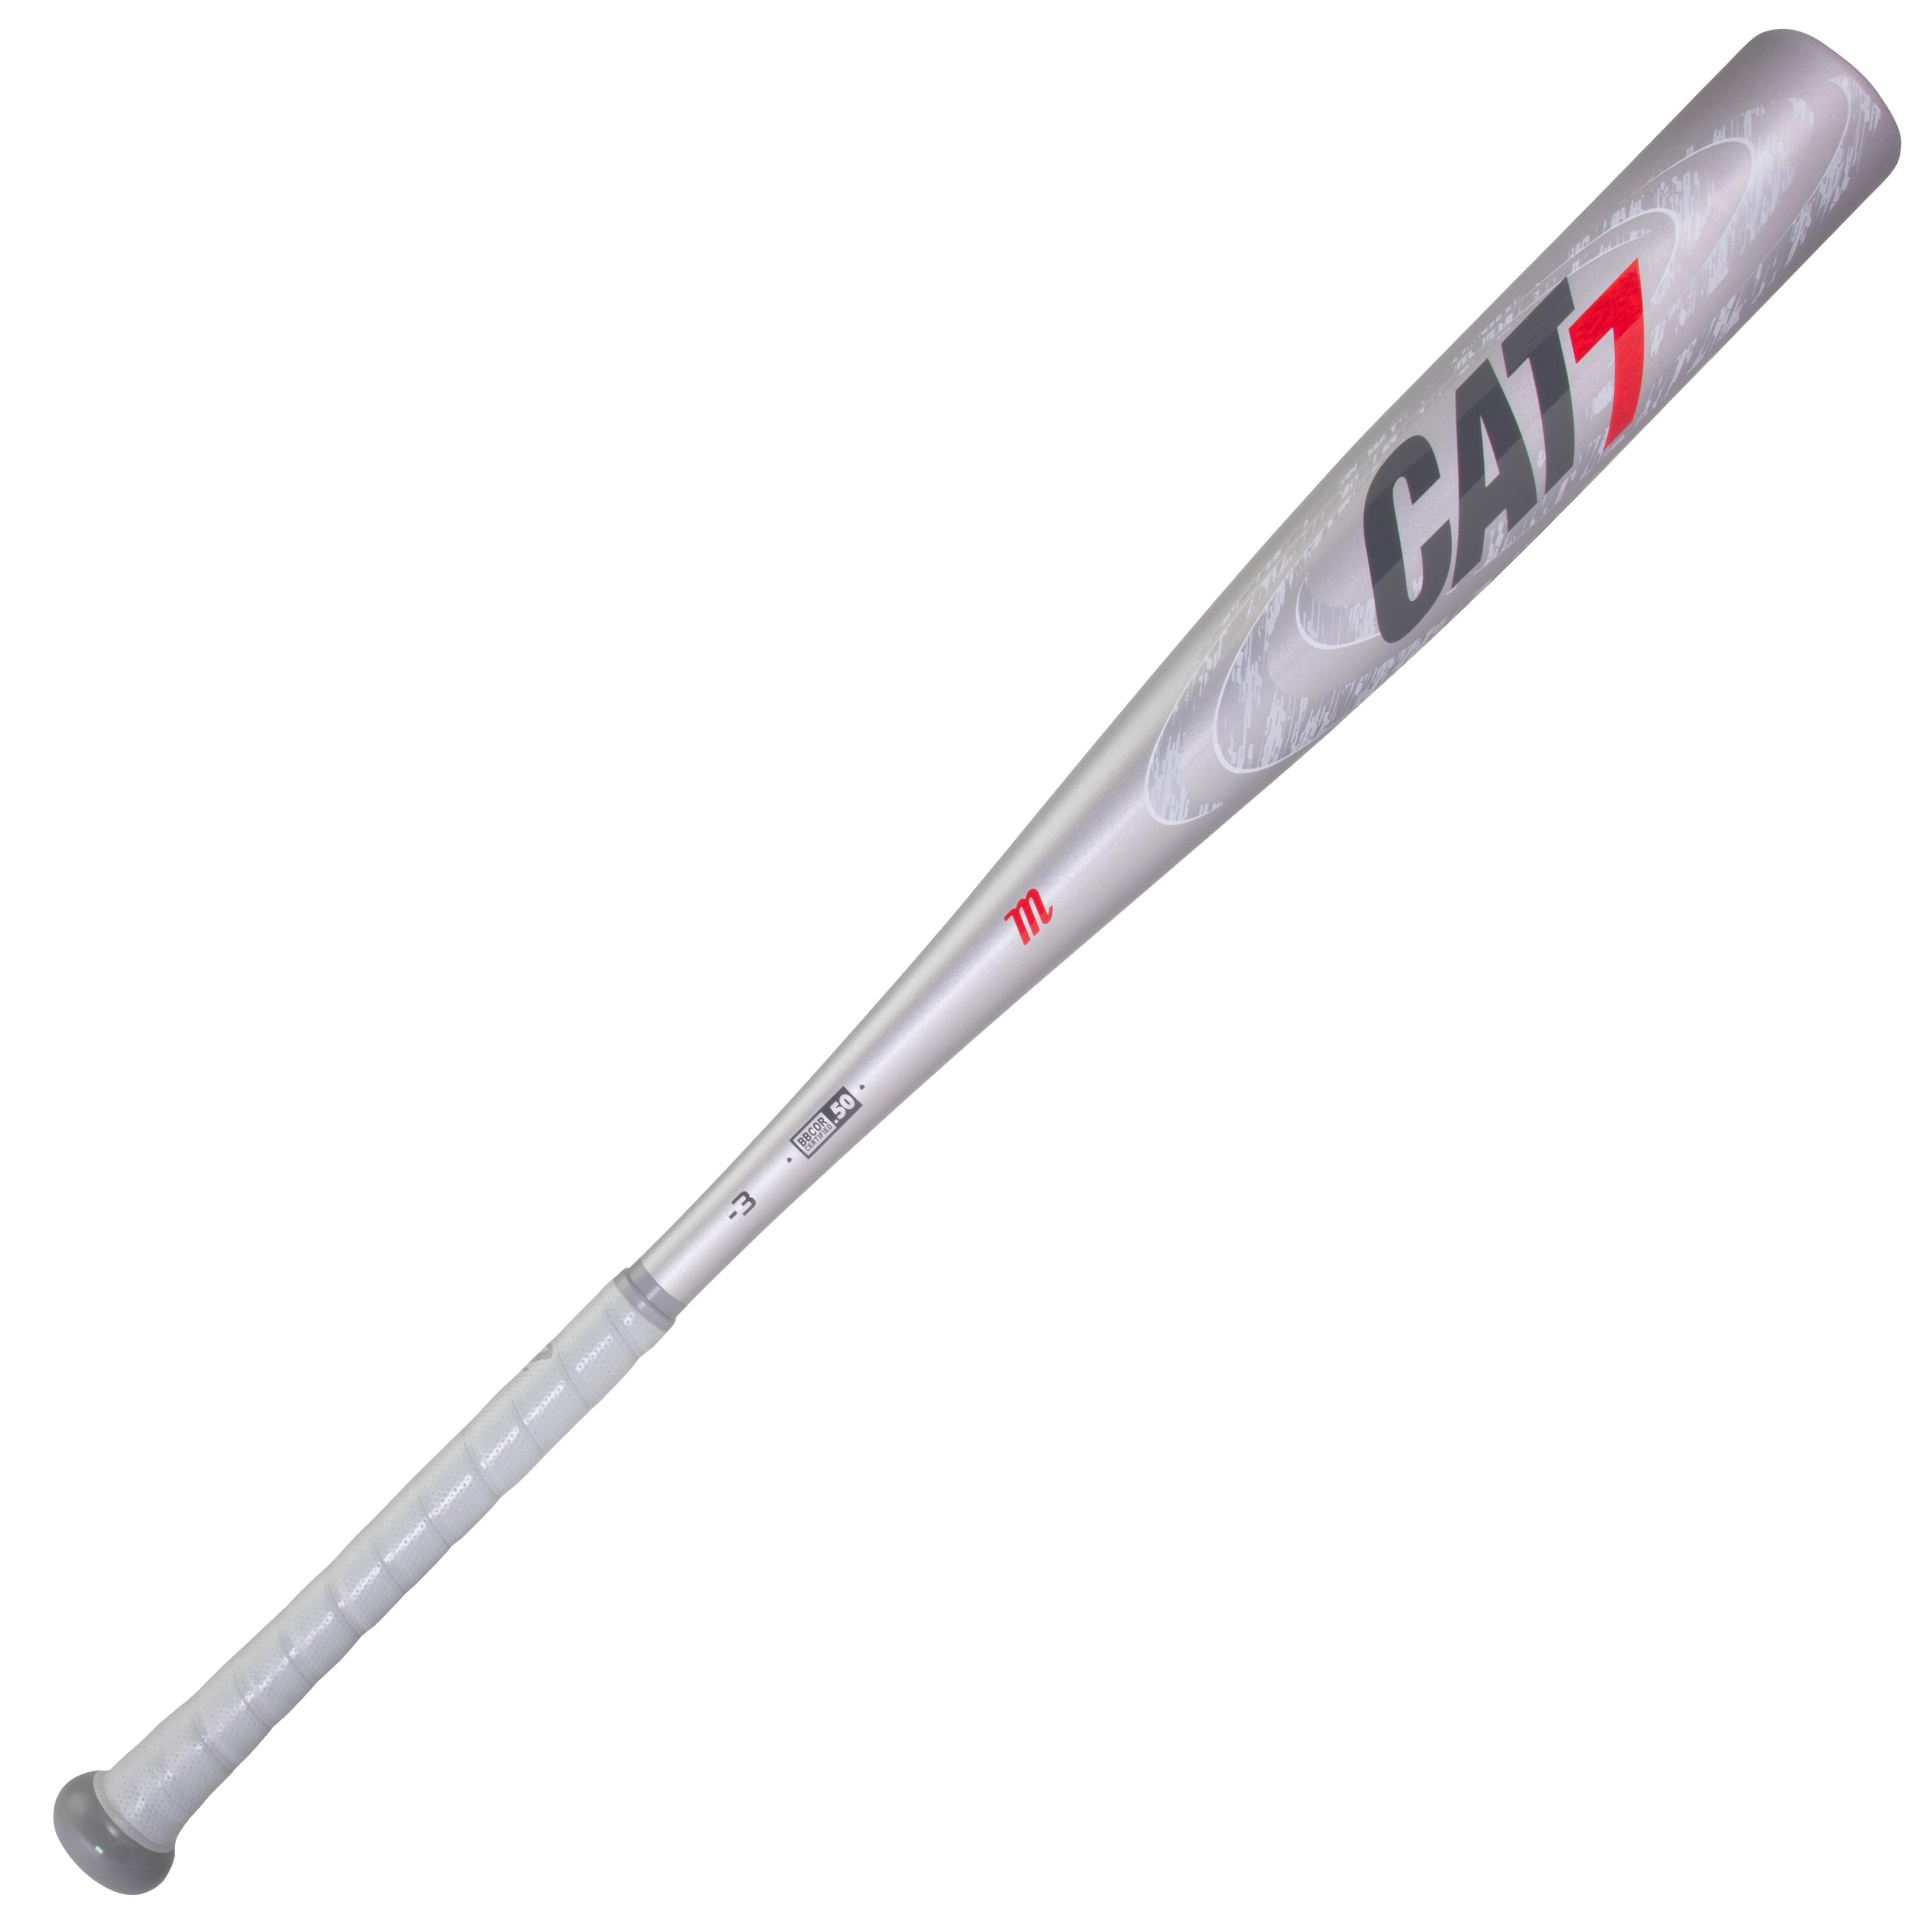 marucci-cat7-silver-3-bbcor-baseball-bat-32-inch-29-oz MCBC72S-3229 Marucci